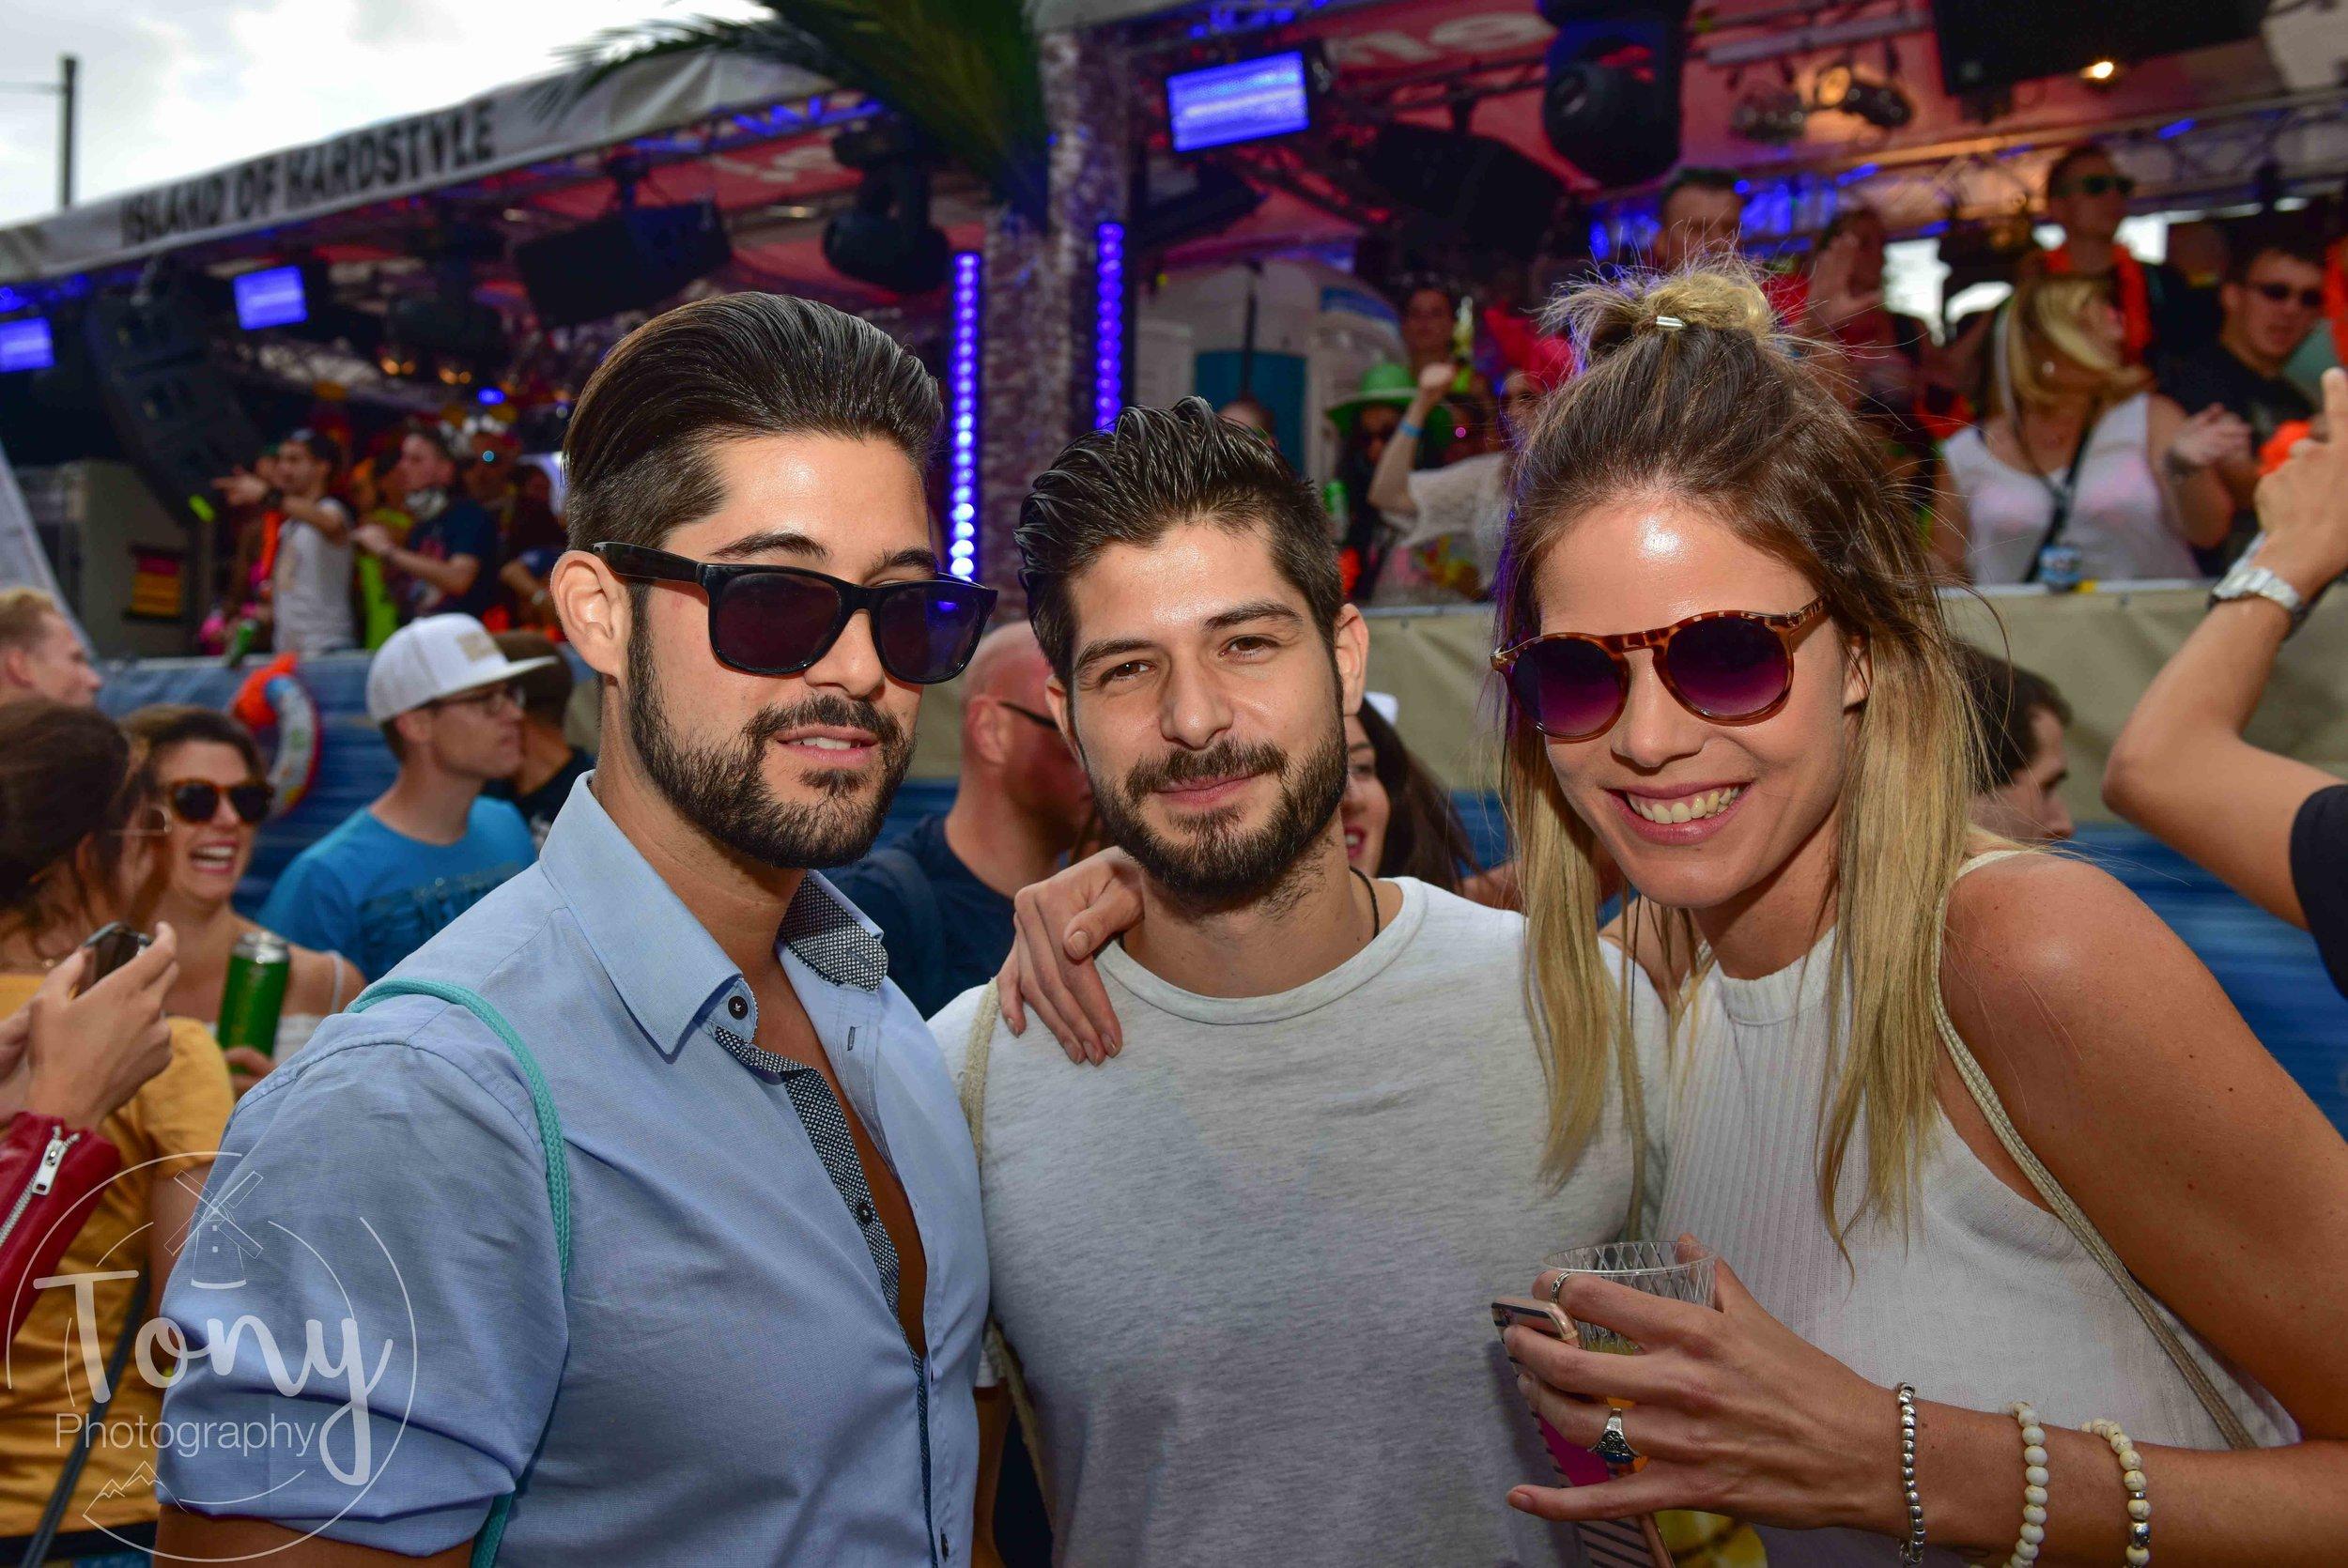 streetparade-233.jpg